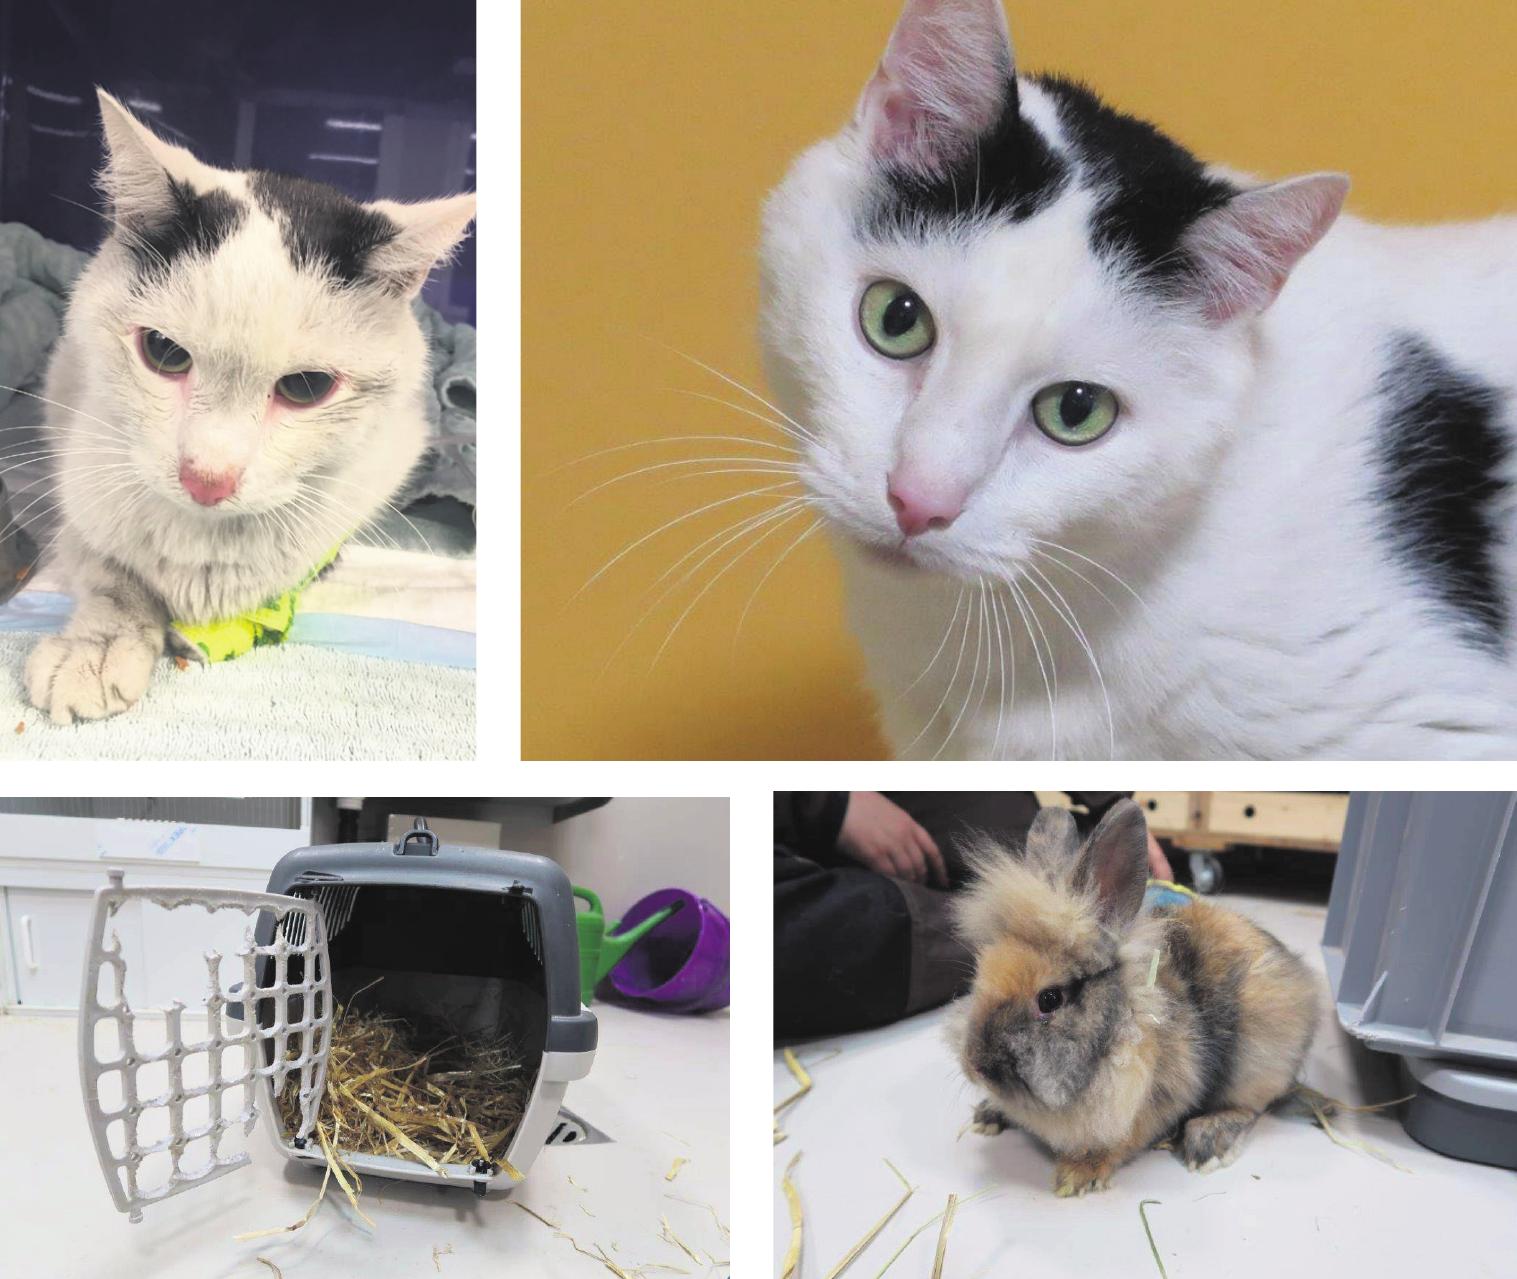 Dank liebevoller Pflege geht es Kater Smokey und dem ausgesetzten Kaninchen Scratchy wieder gut. Bilder: zvg